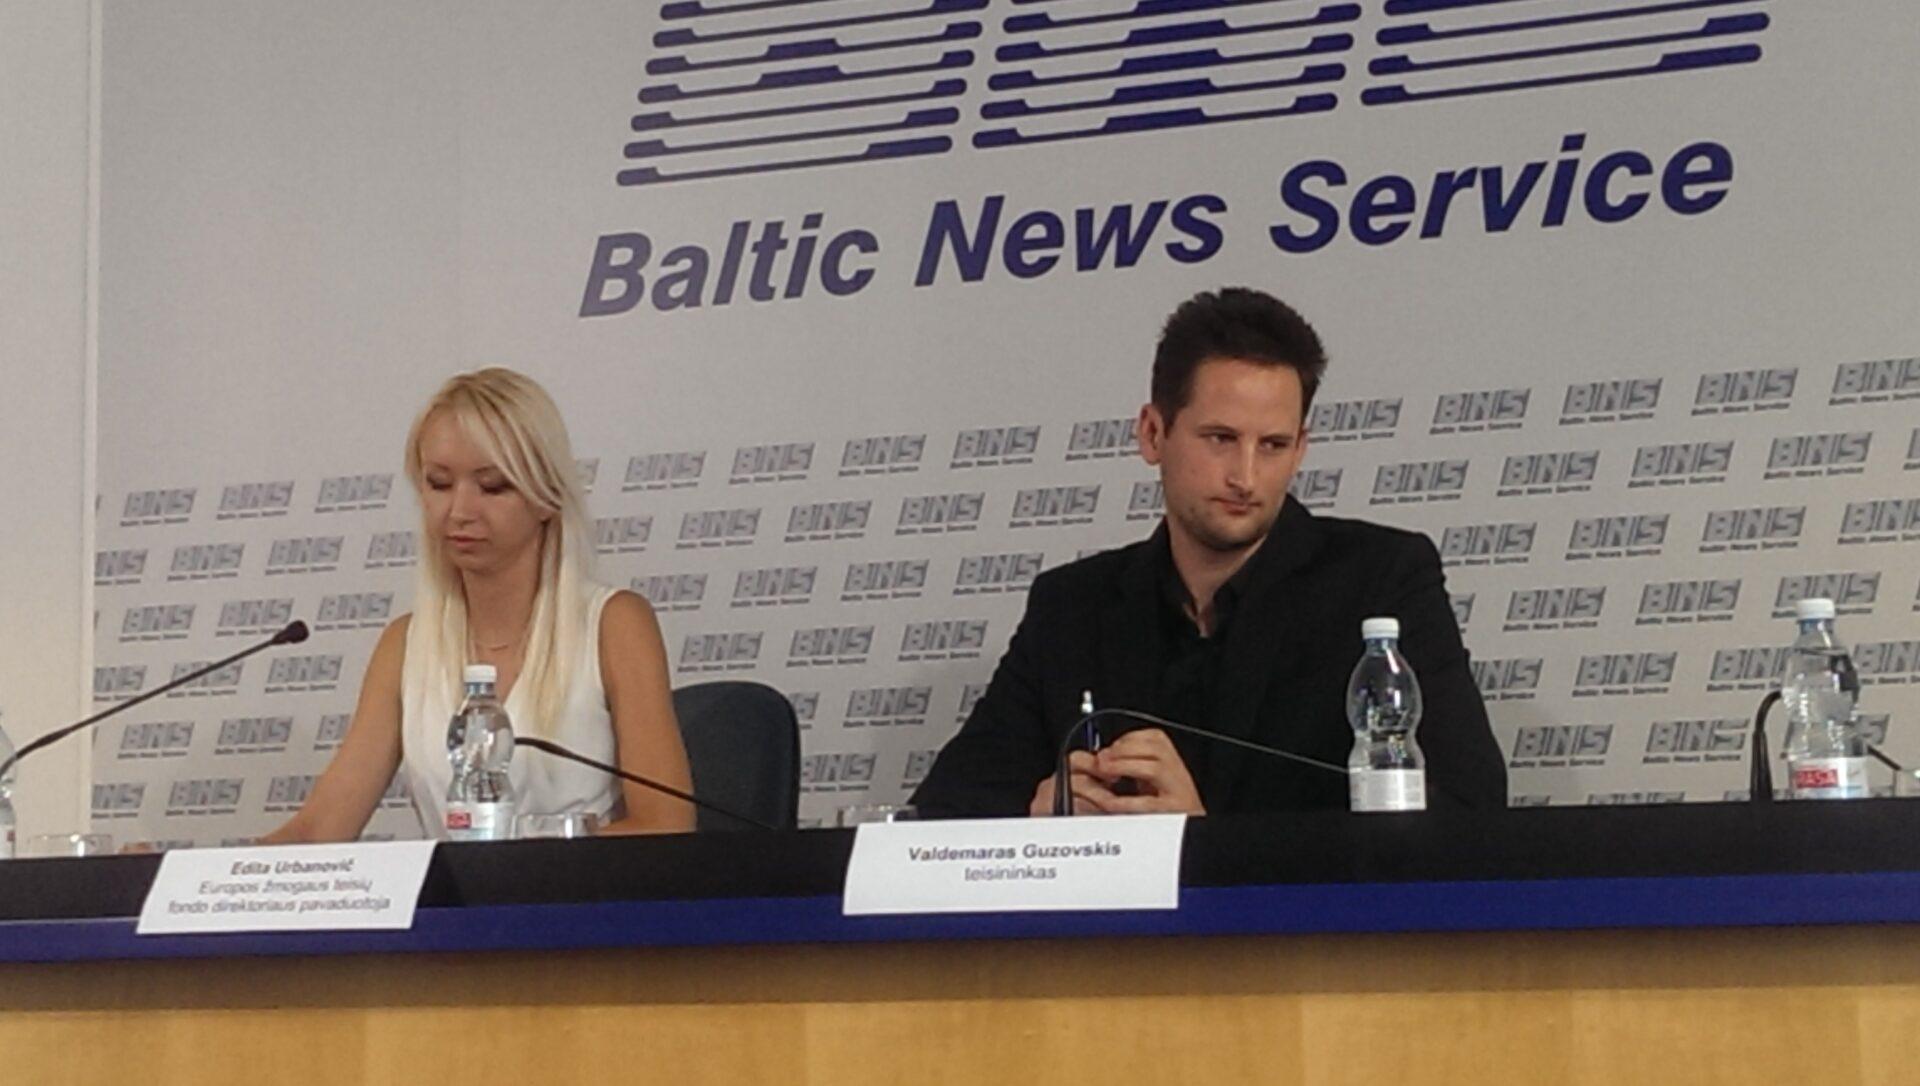 EFHR przedstawiła raport o przestrzeganiu praw człowieka na Litwie w latach 2012 – 2013